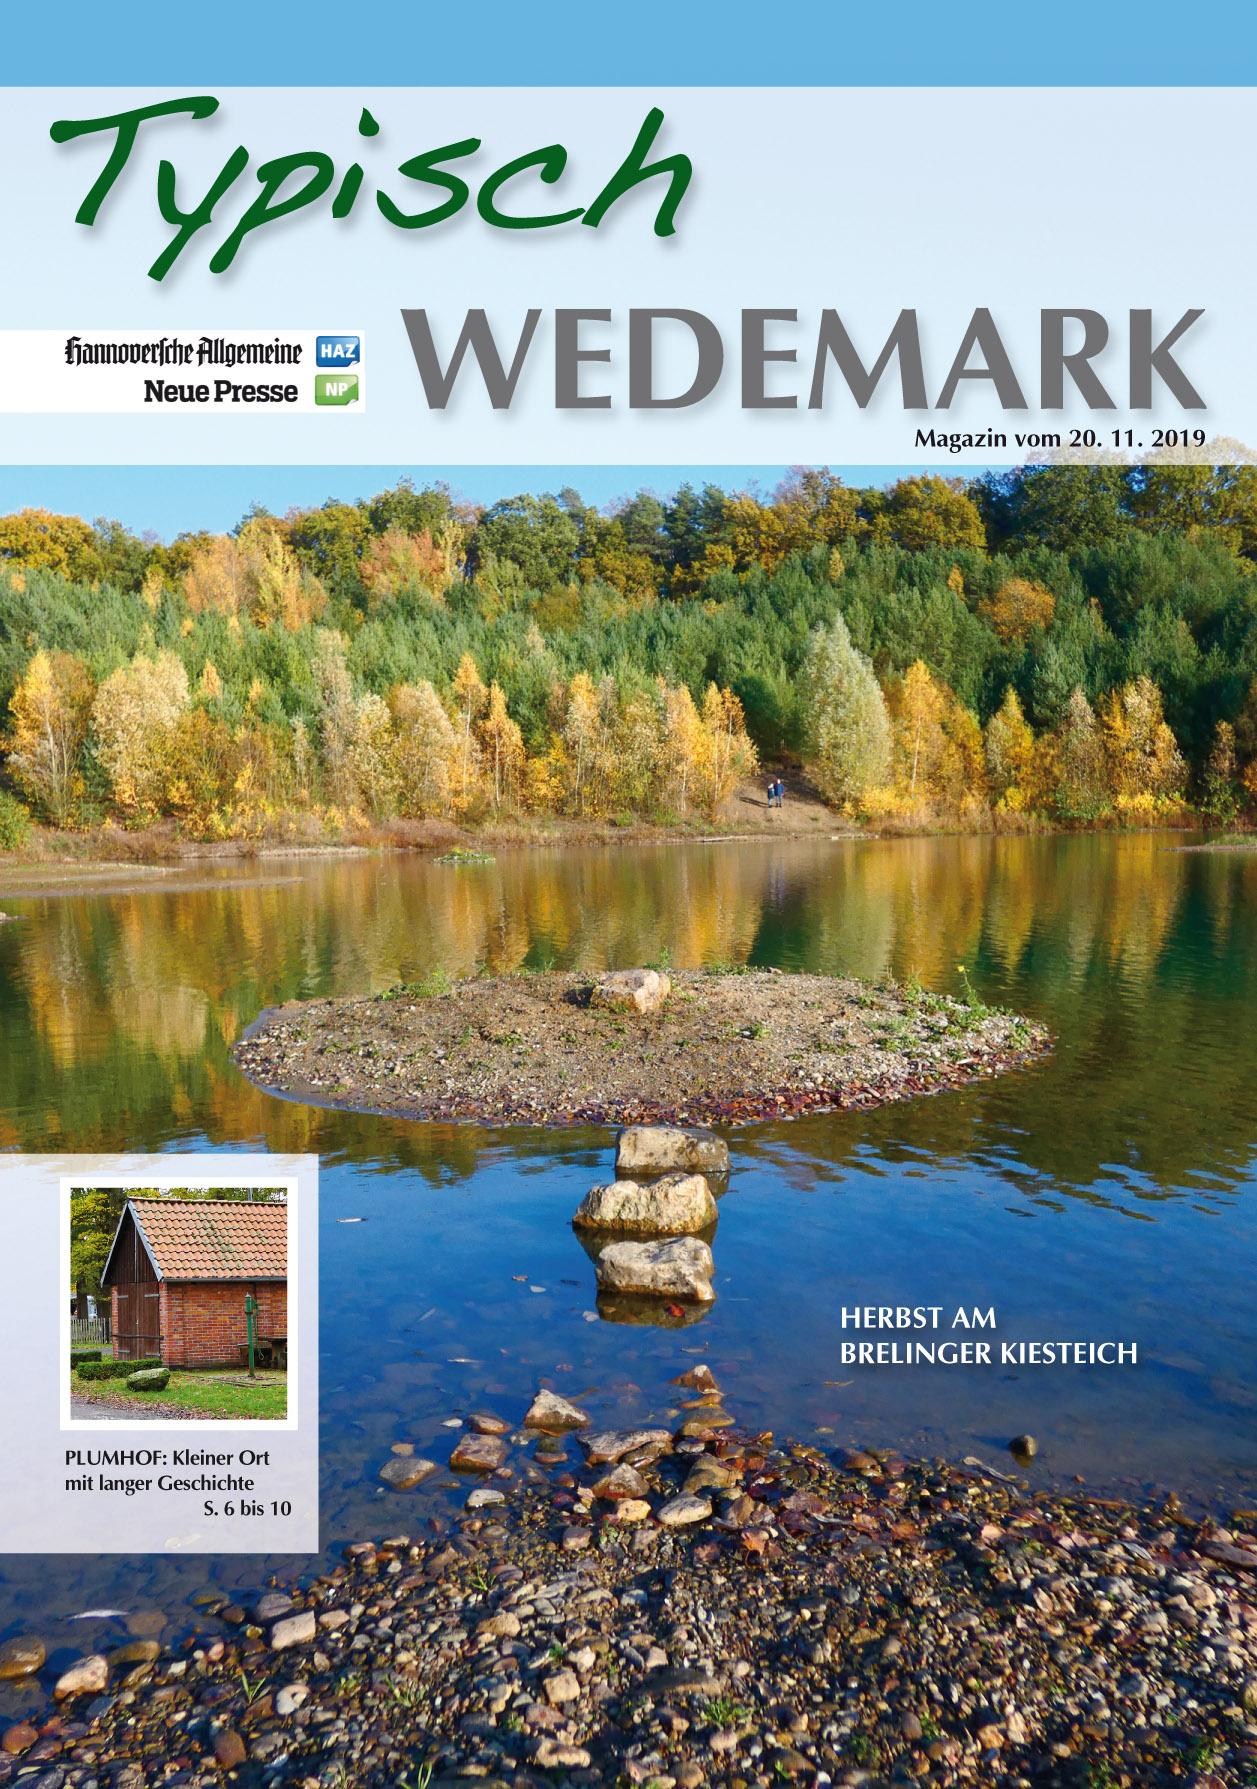 wedemark-vom-20-11-2019